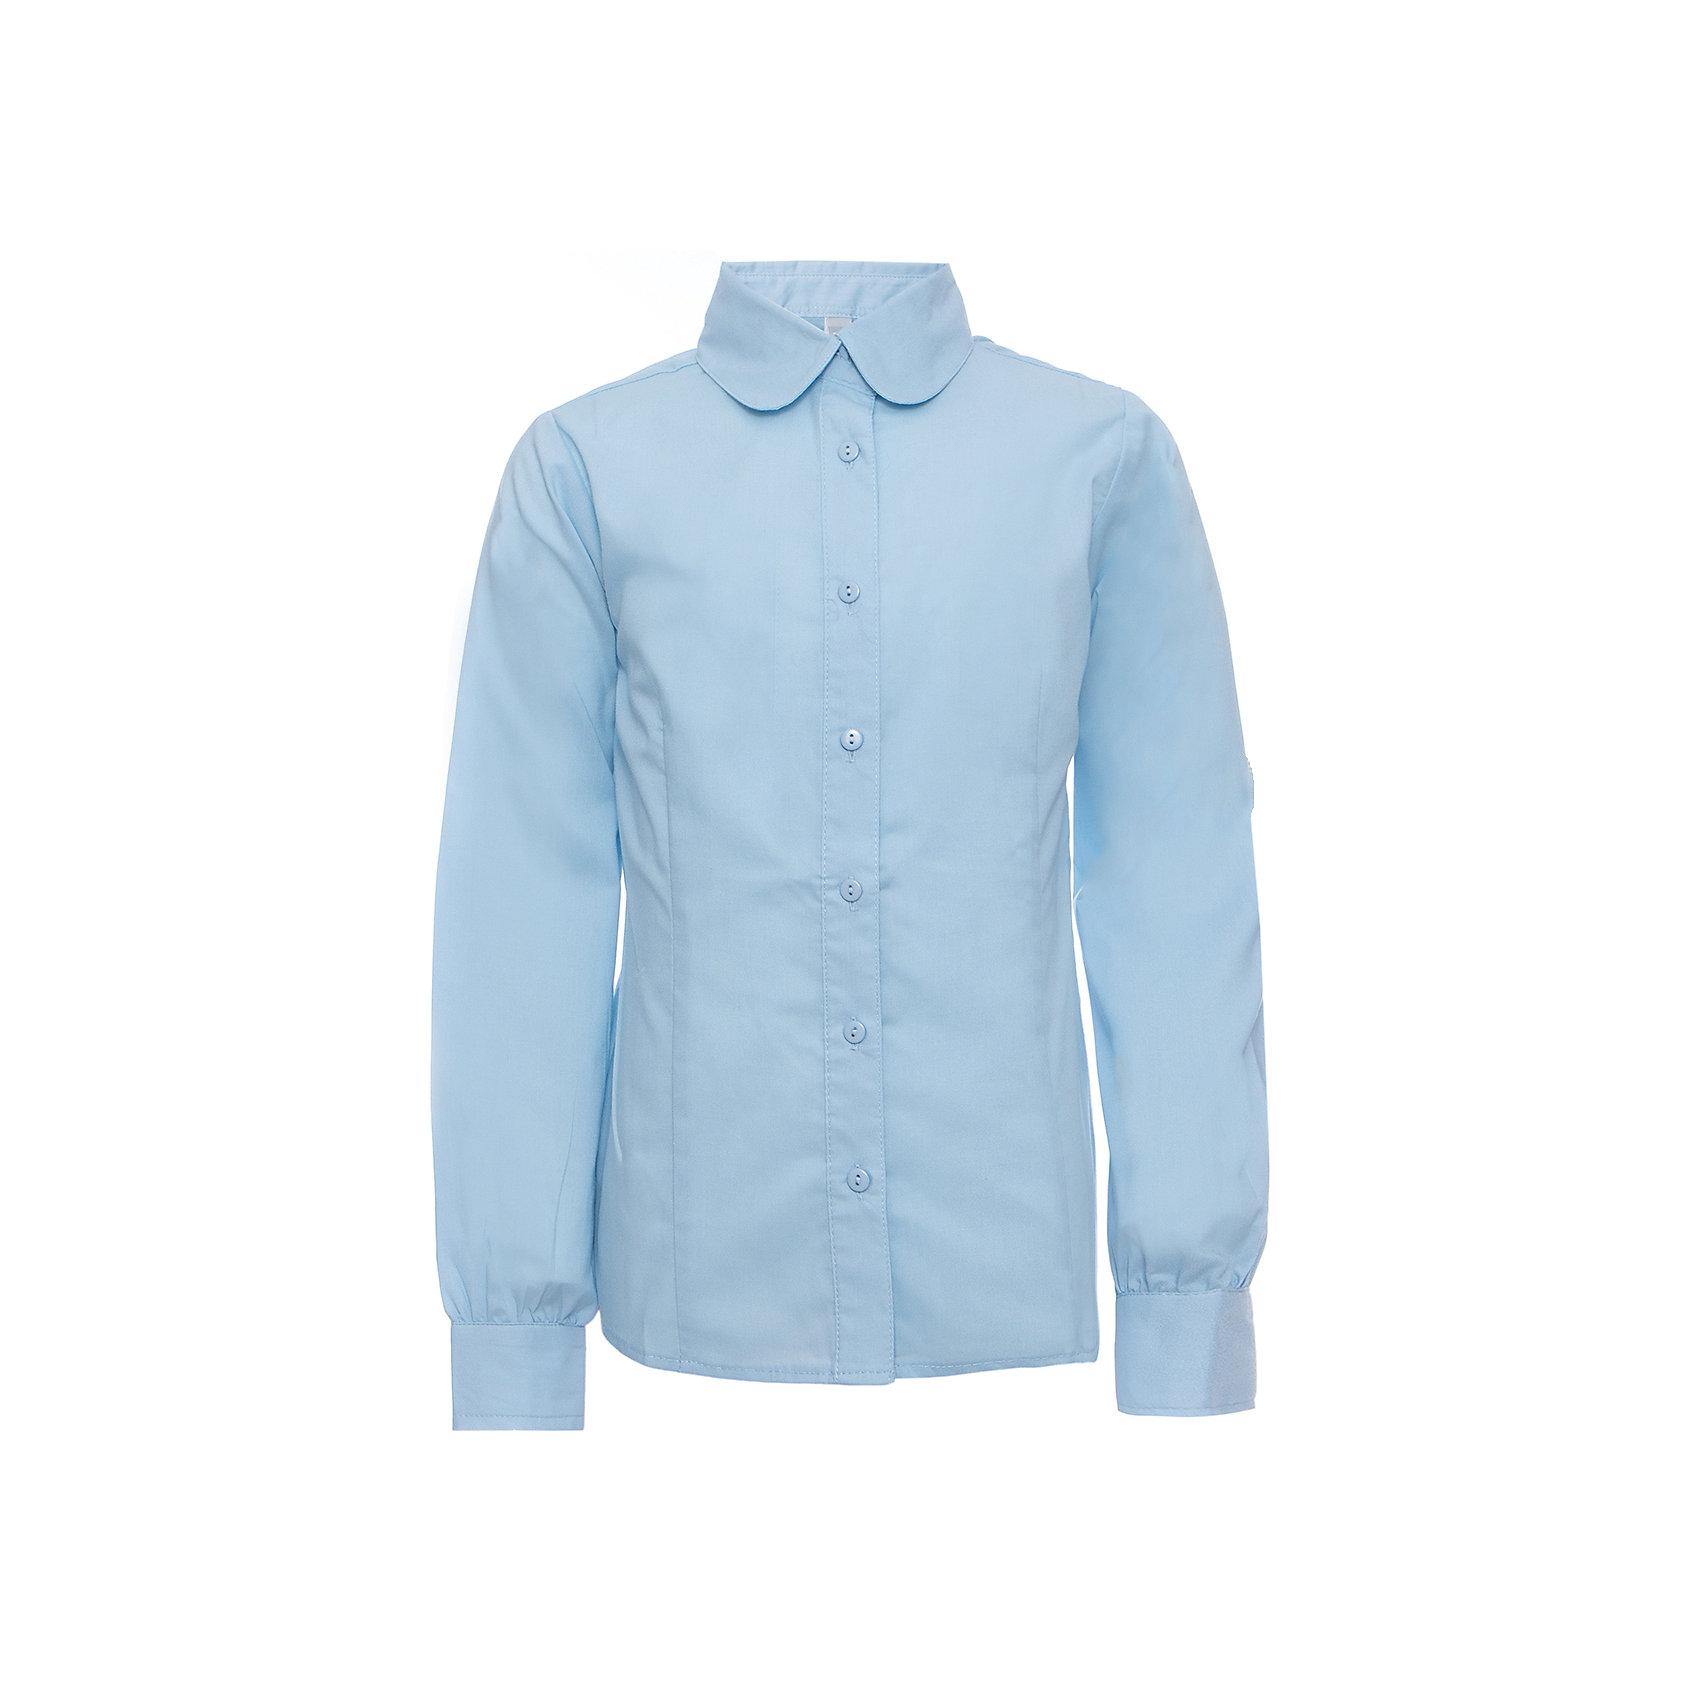 Блузка для девочки ScoolБлузки и рубашки<br>Блузка для девочки от известного бренда Scool<br>Состав:<br>65% хлопок, 35% полиэстер<br>Стильная голубая блузка классического покроя. Округлый воротничок. Застегивается на пуговицы.<br><br>Ширина мм: 186<br>Глубина мм: 87<br>Высота мм: 198<br>Вес г: 197<br>Цвет: голубой<br>Возраст от месяцев: 120<br>Возраст до месяцев: 132<br>Пол: Женский<br>Возраст: Детский<br>Размер: 146,128,152,158,164,140,134,122<br>SKU: 4687029